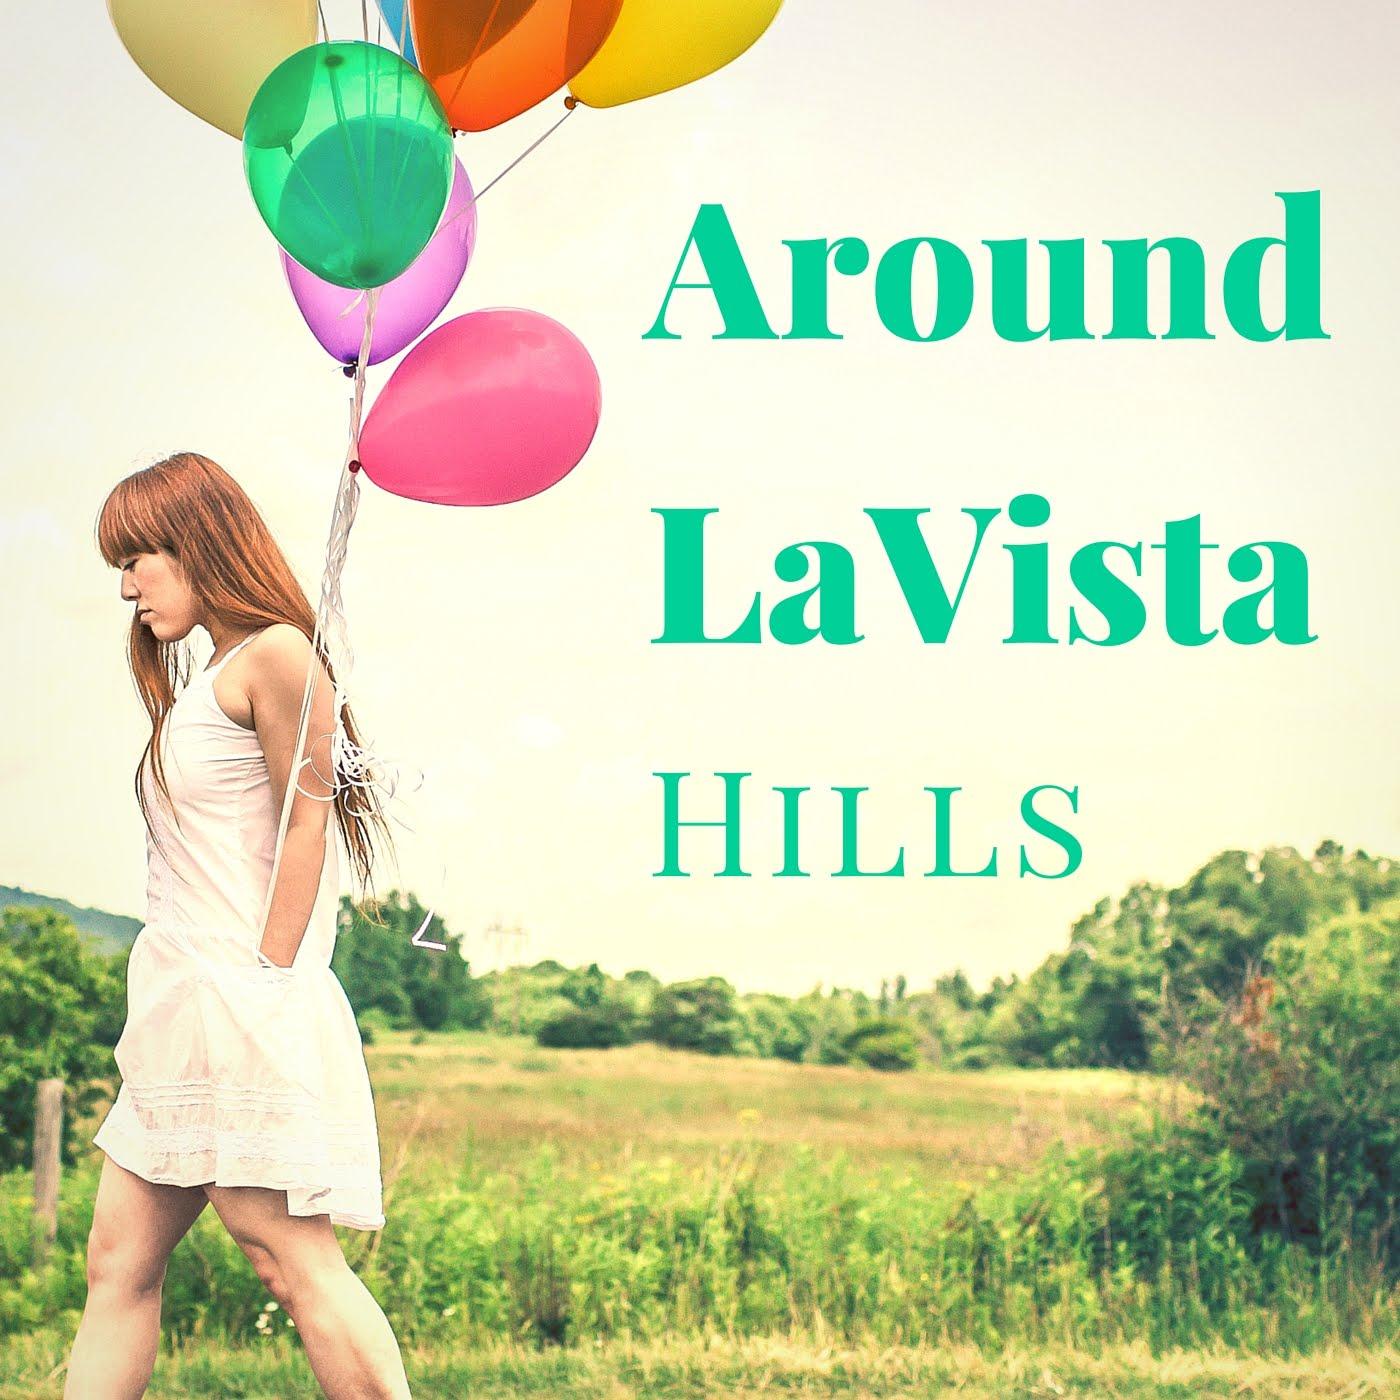 Around LaVista Hills Georgia